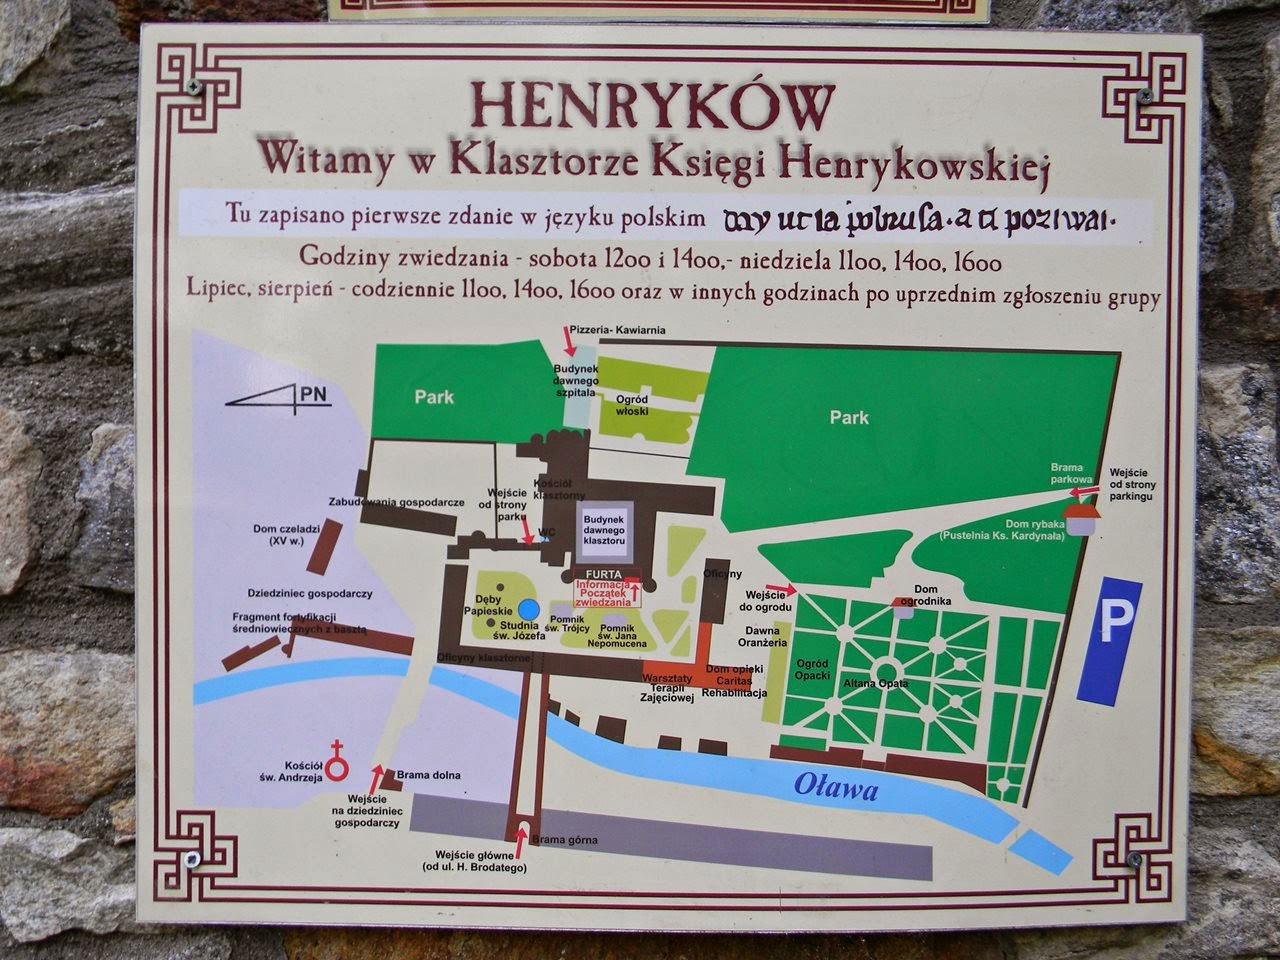 tablica, godziny otwarcia, Henryków, kościół, plan